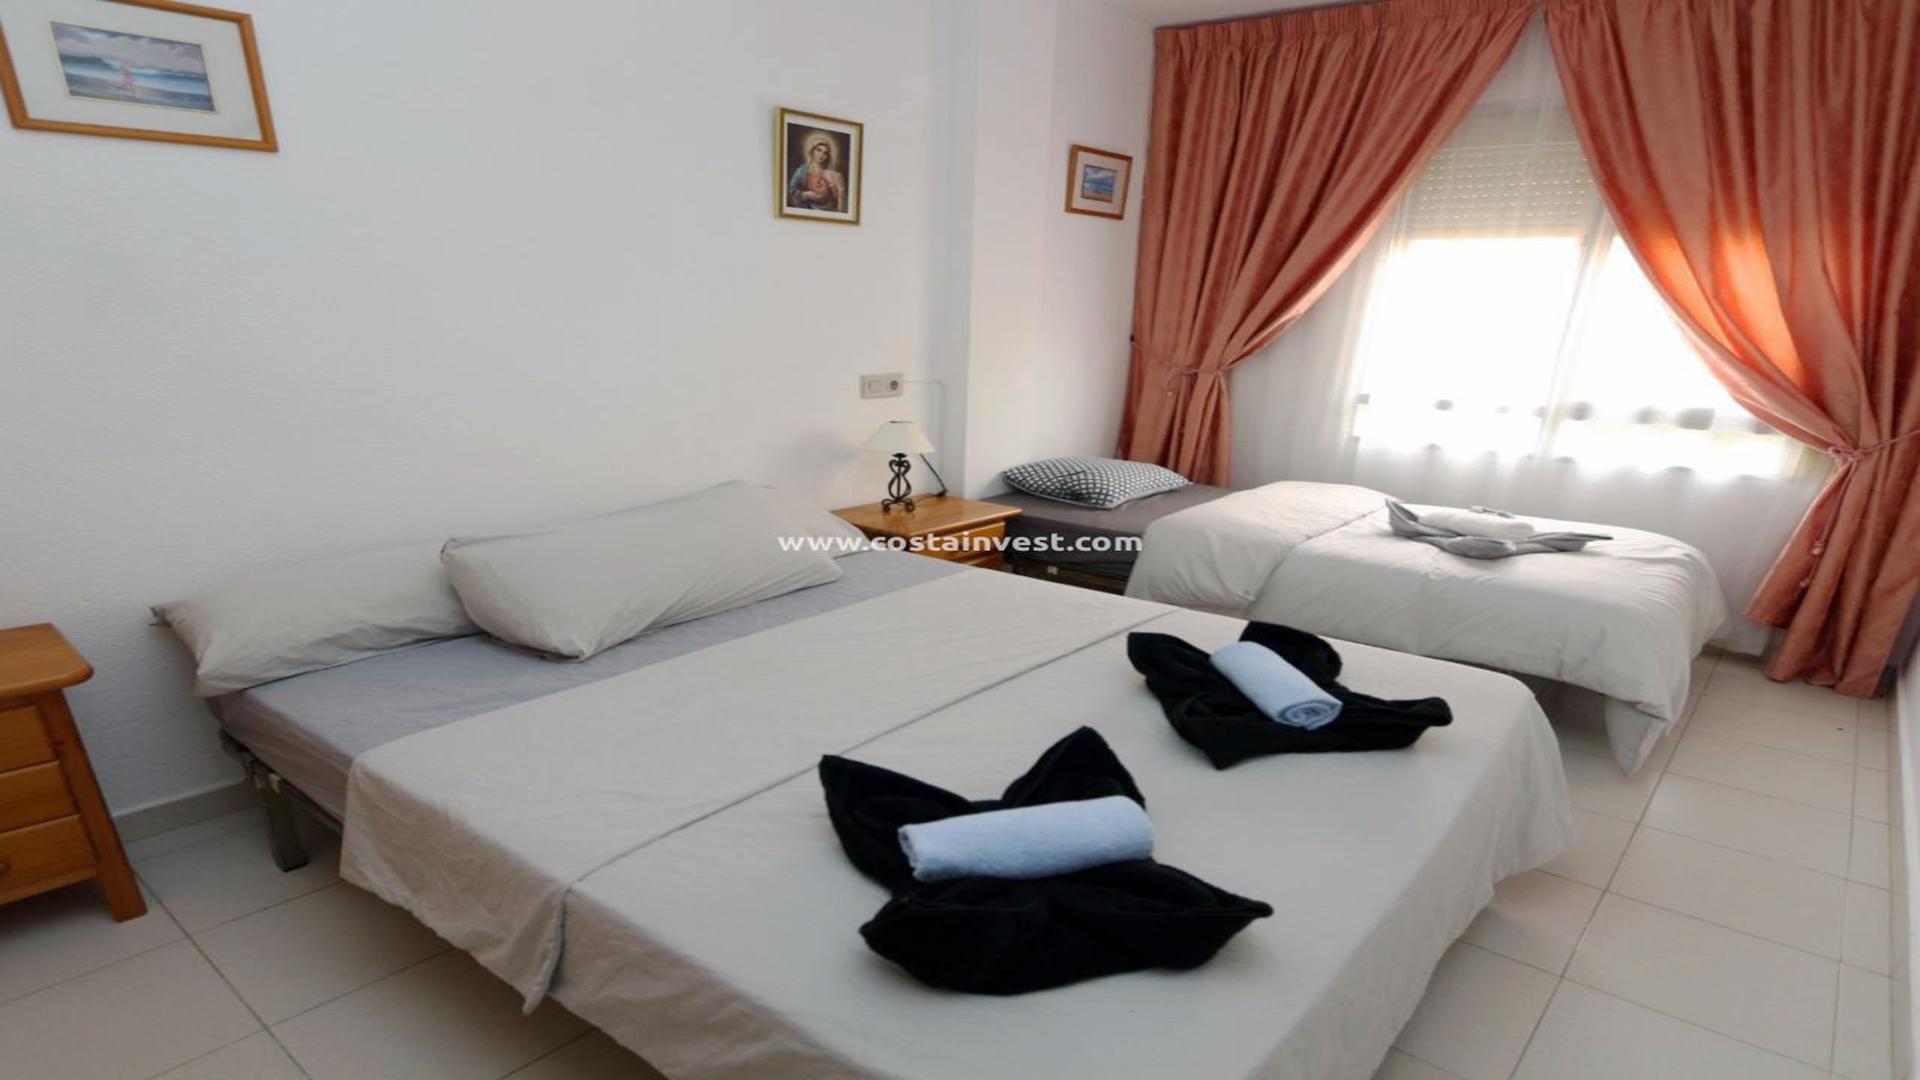 Apartament -                                       Torrevieja -                                       2 sypialnie -                                       5 osoby